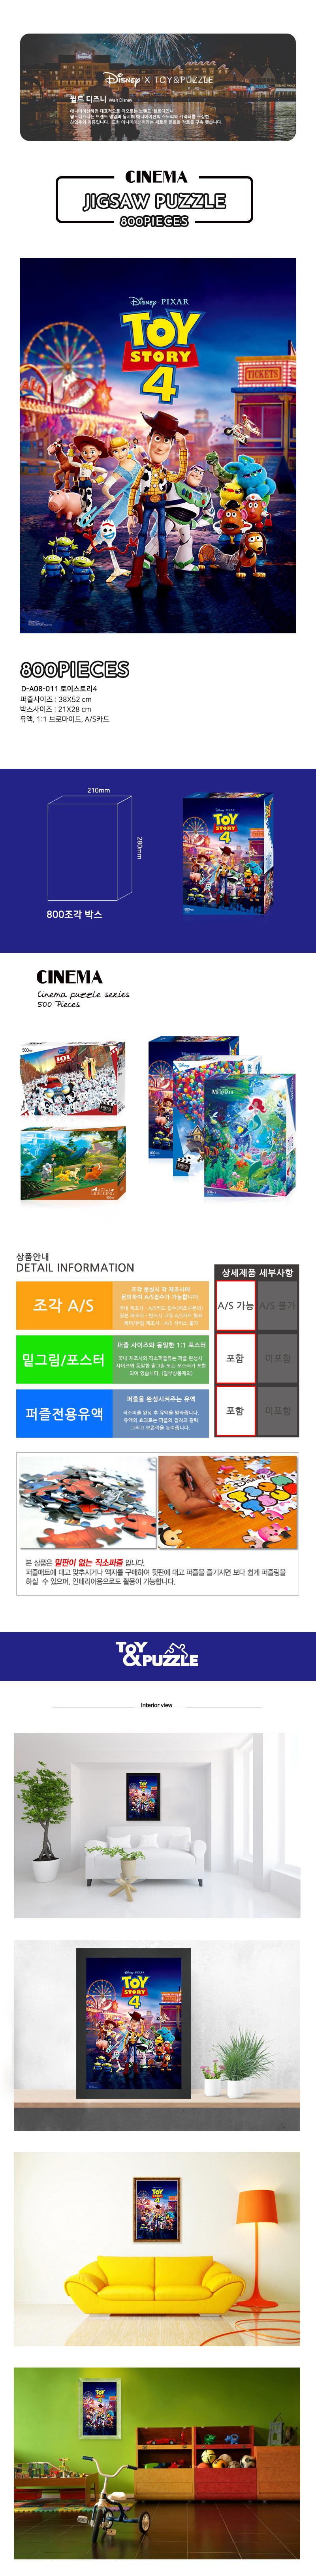 직소퍼즐 800피스 토이스토리4 D-A08-011 - 퍼즐카페, 15,300원, 조각/퍼즐, 캐릭터 직소퍼즐